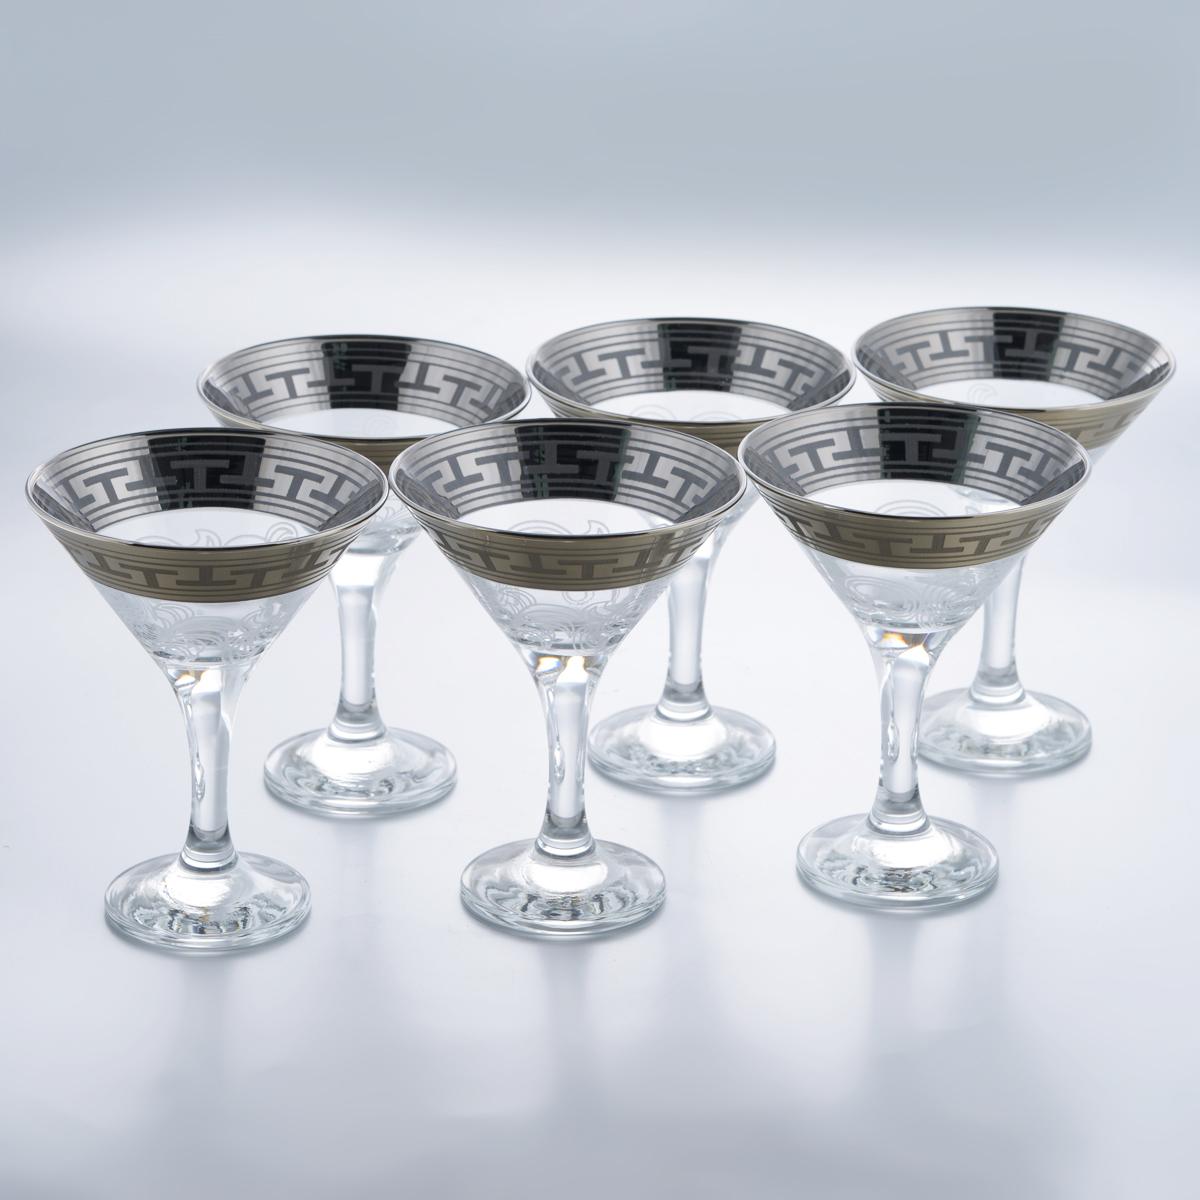 Набор бокалов для мартини Гусь-Хрустальный Греческий узор, 170 мл, 6 шт набор бокалов для бренди гусь хрустальный версаче 400 мл 6 шт